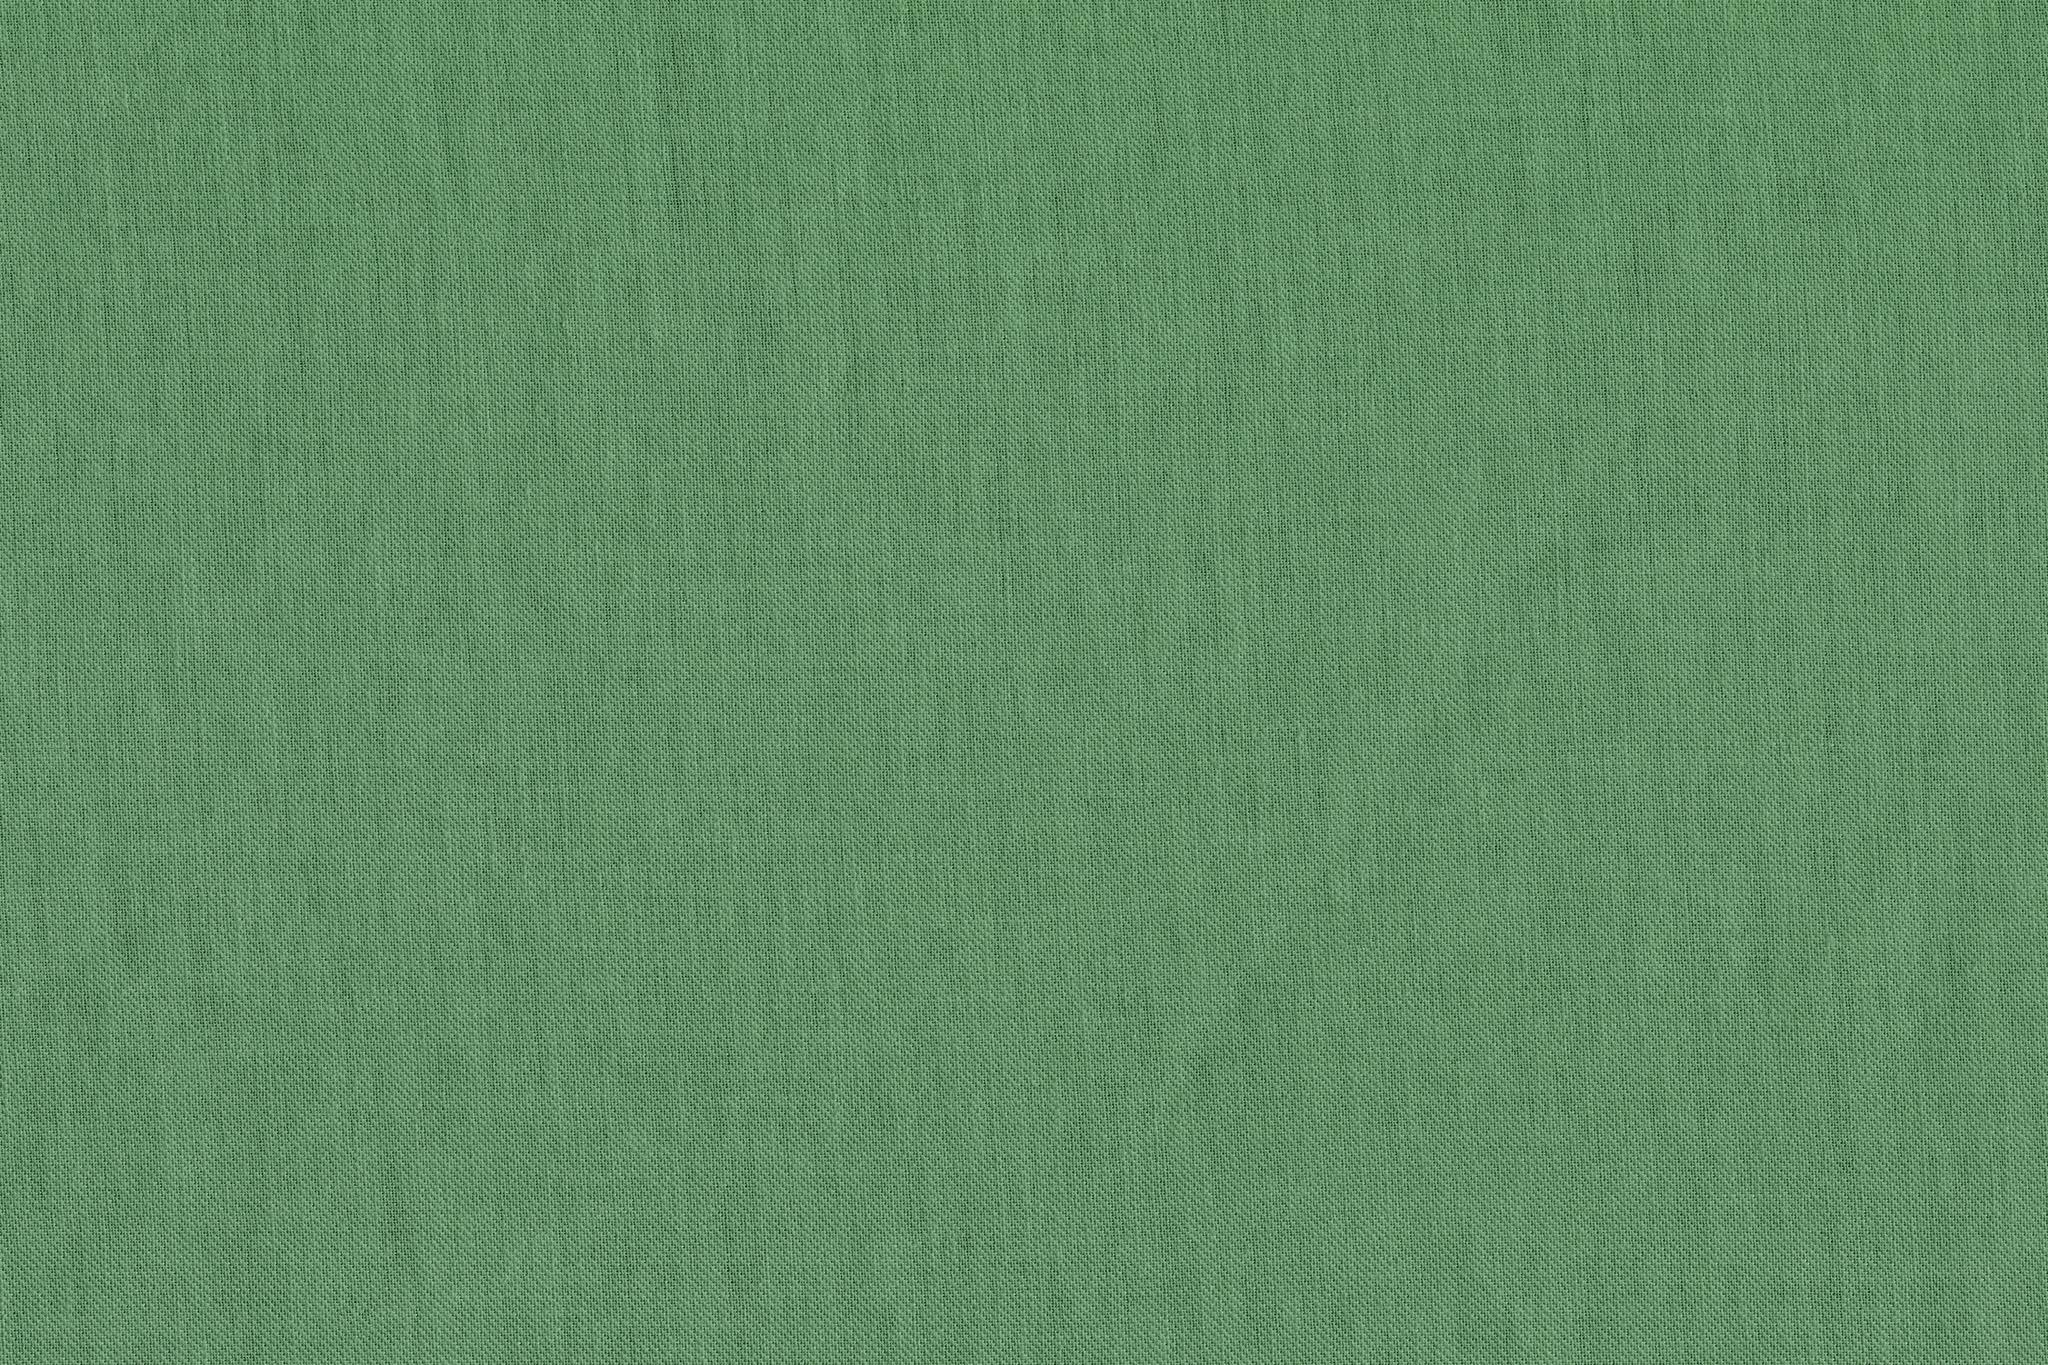 「緑色の布の写真素材」